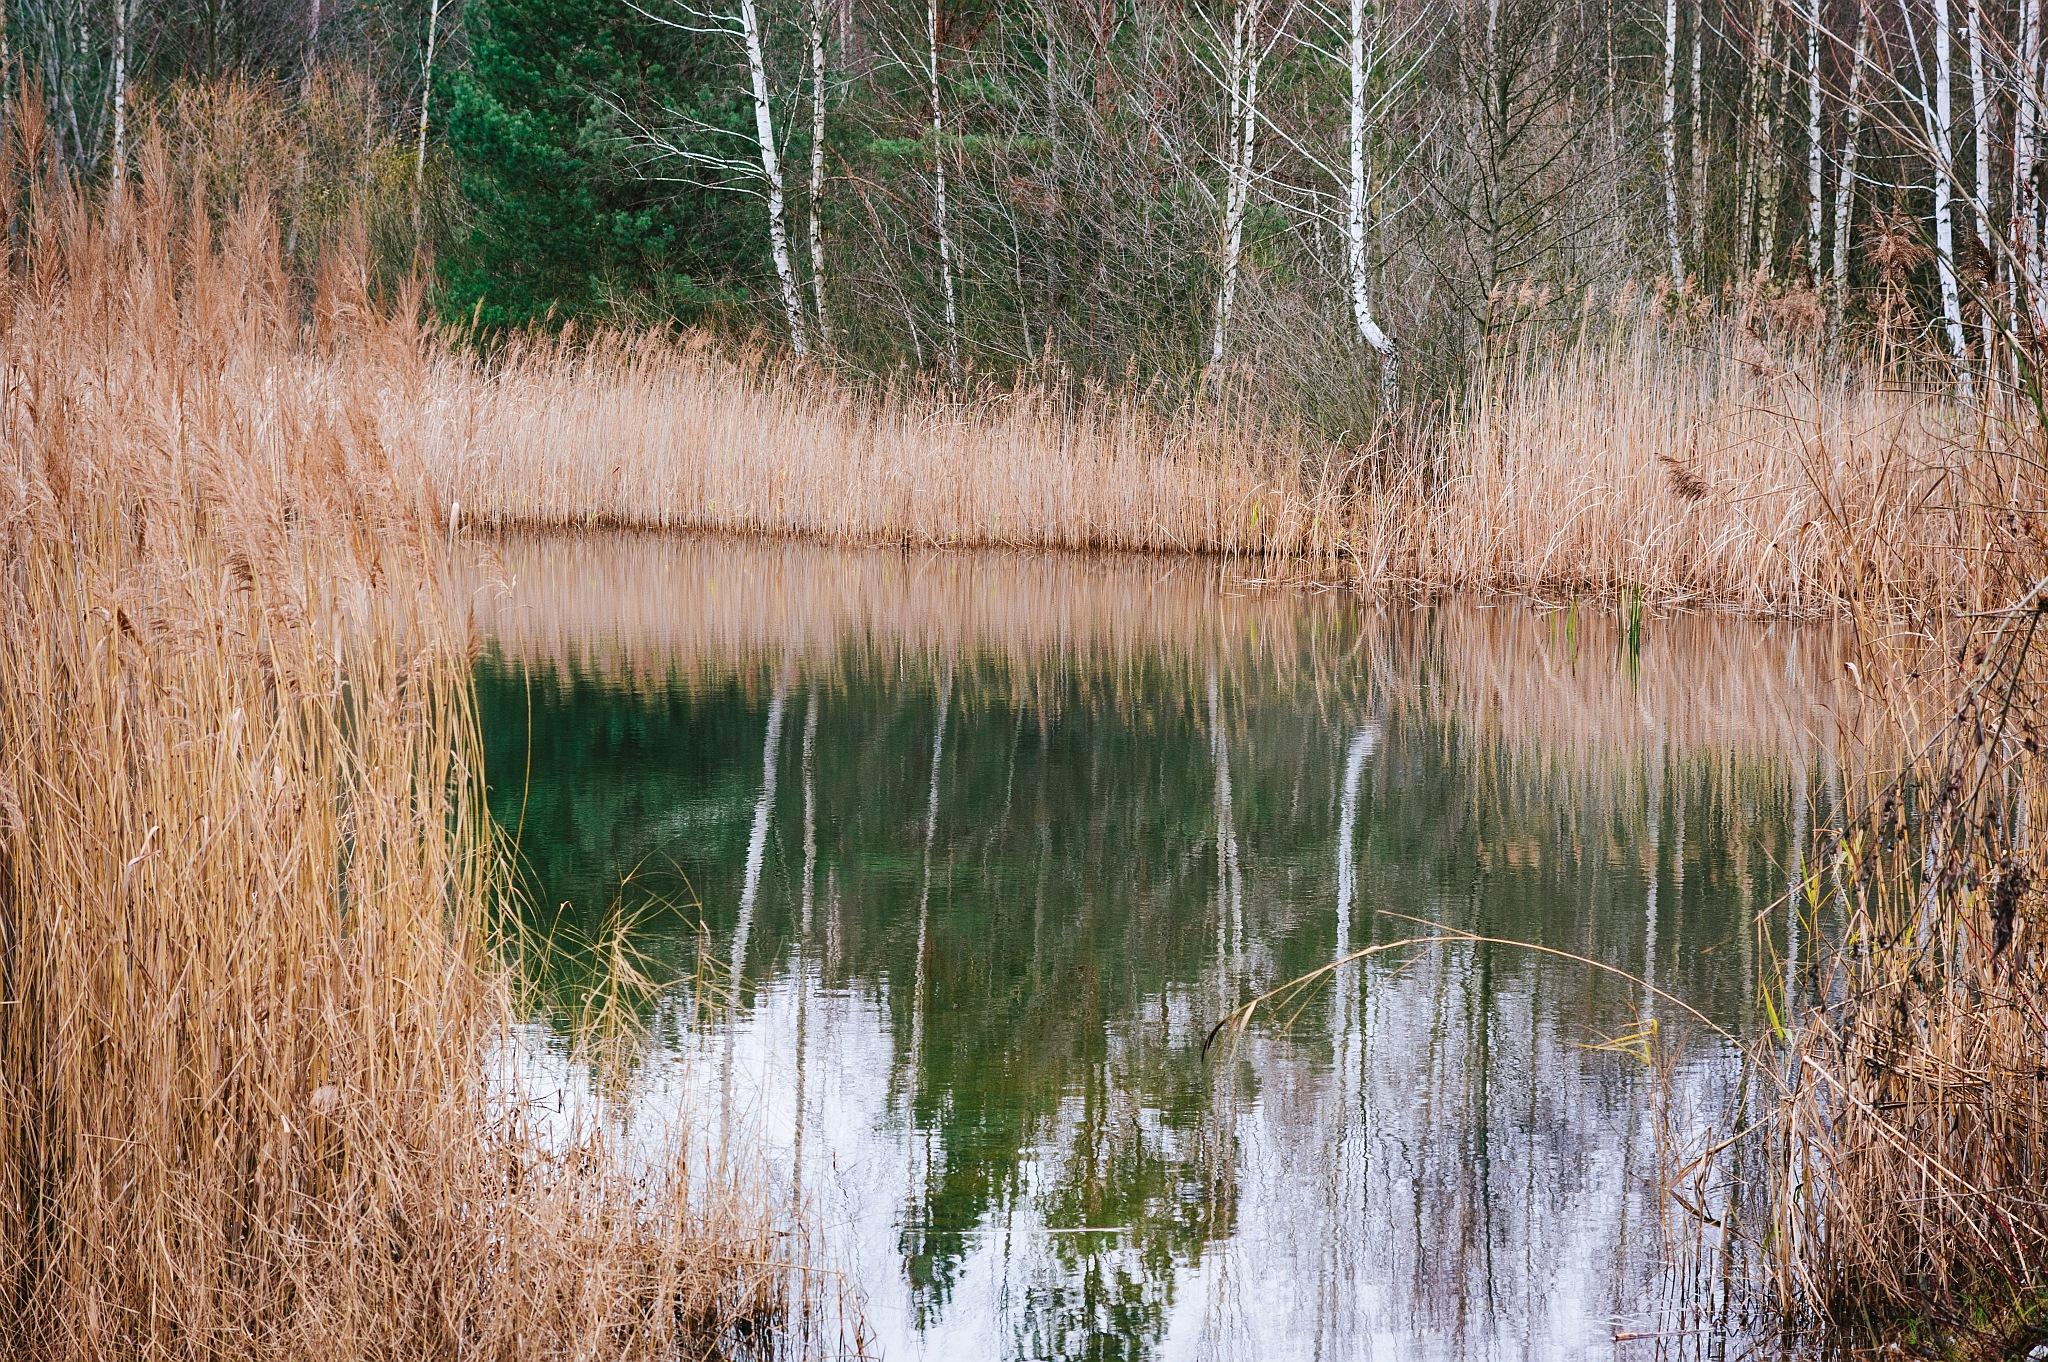 Atspindys - Vilmantas Ramonas